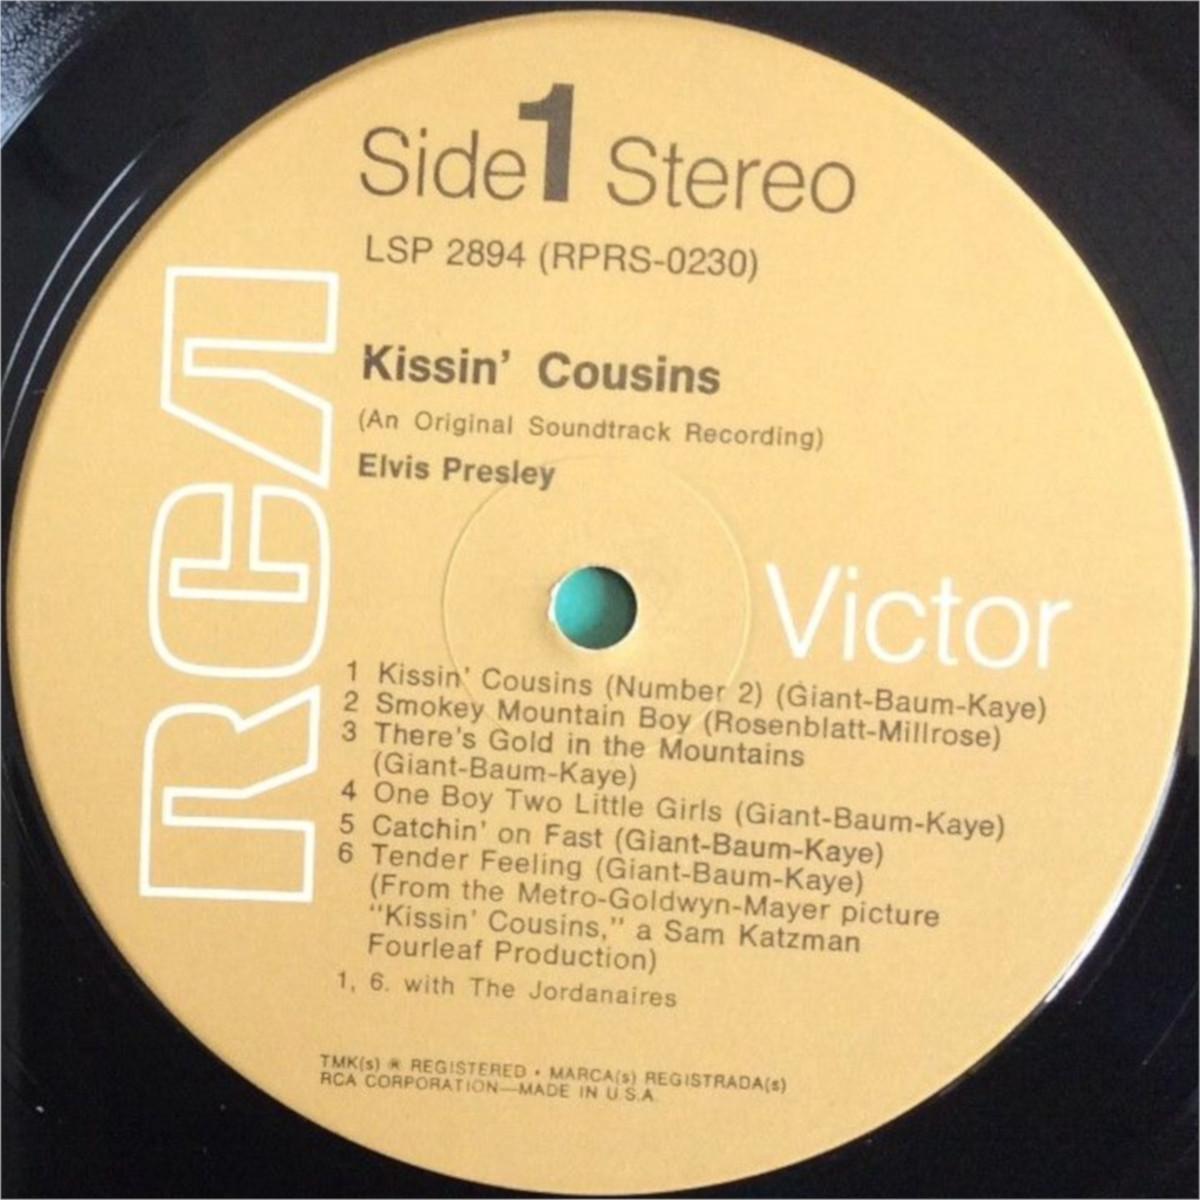 KISSIN' COUSINS Lsp-2894-tan-76-52ijft